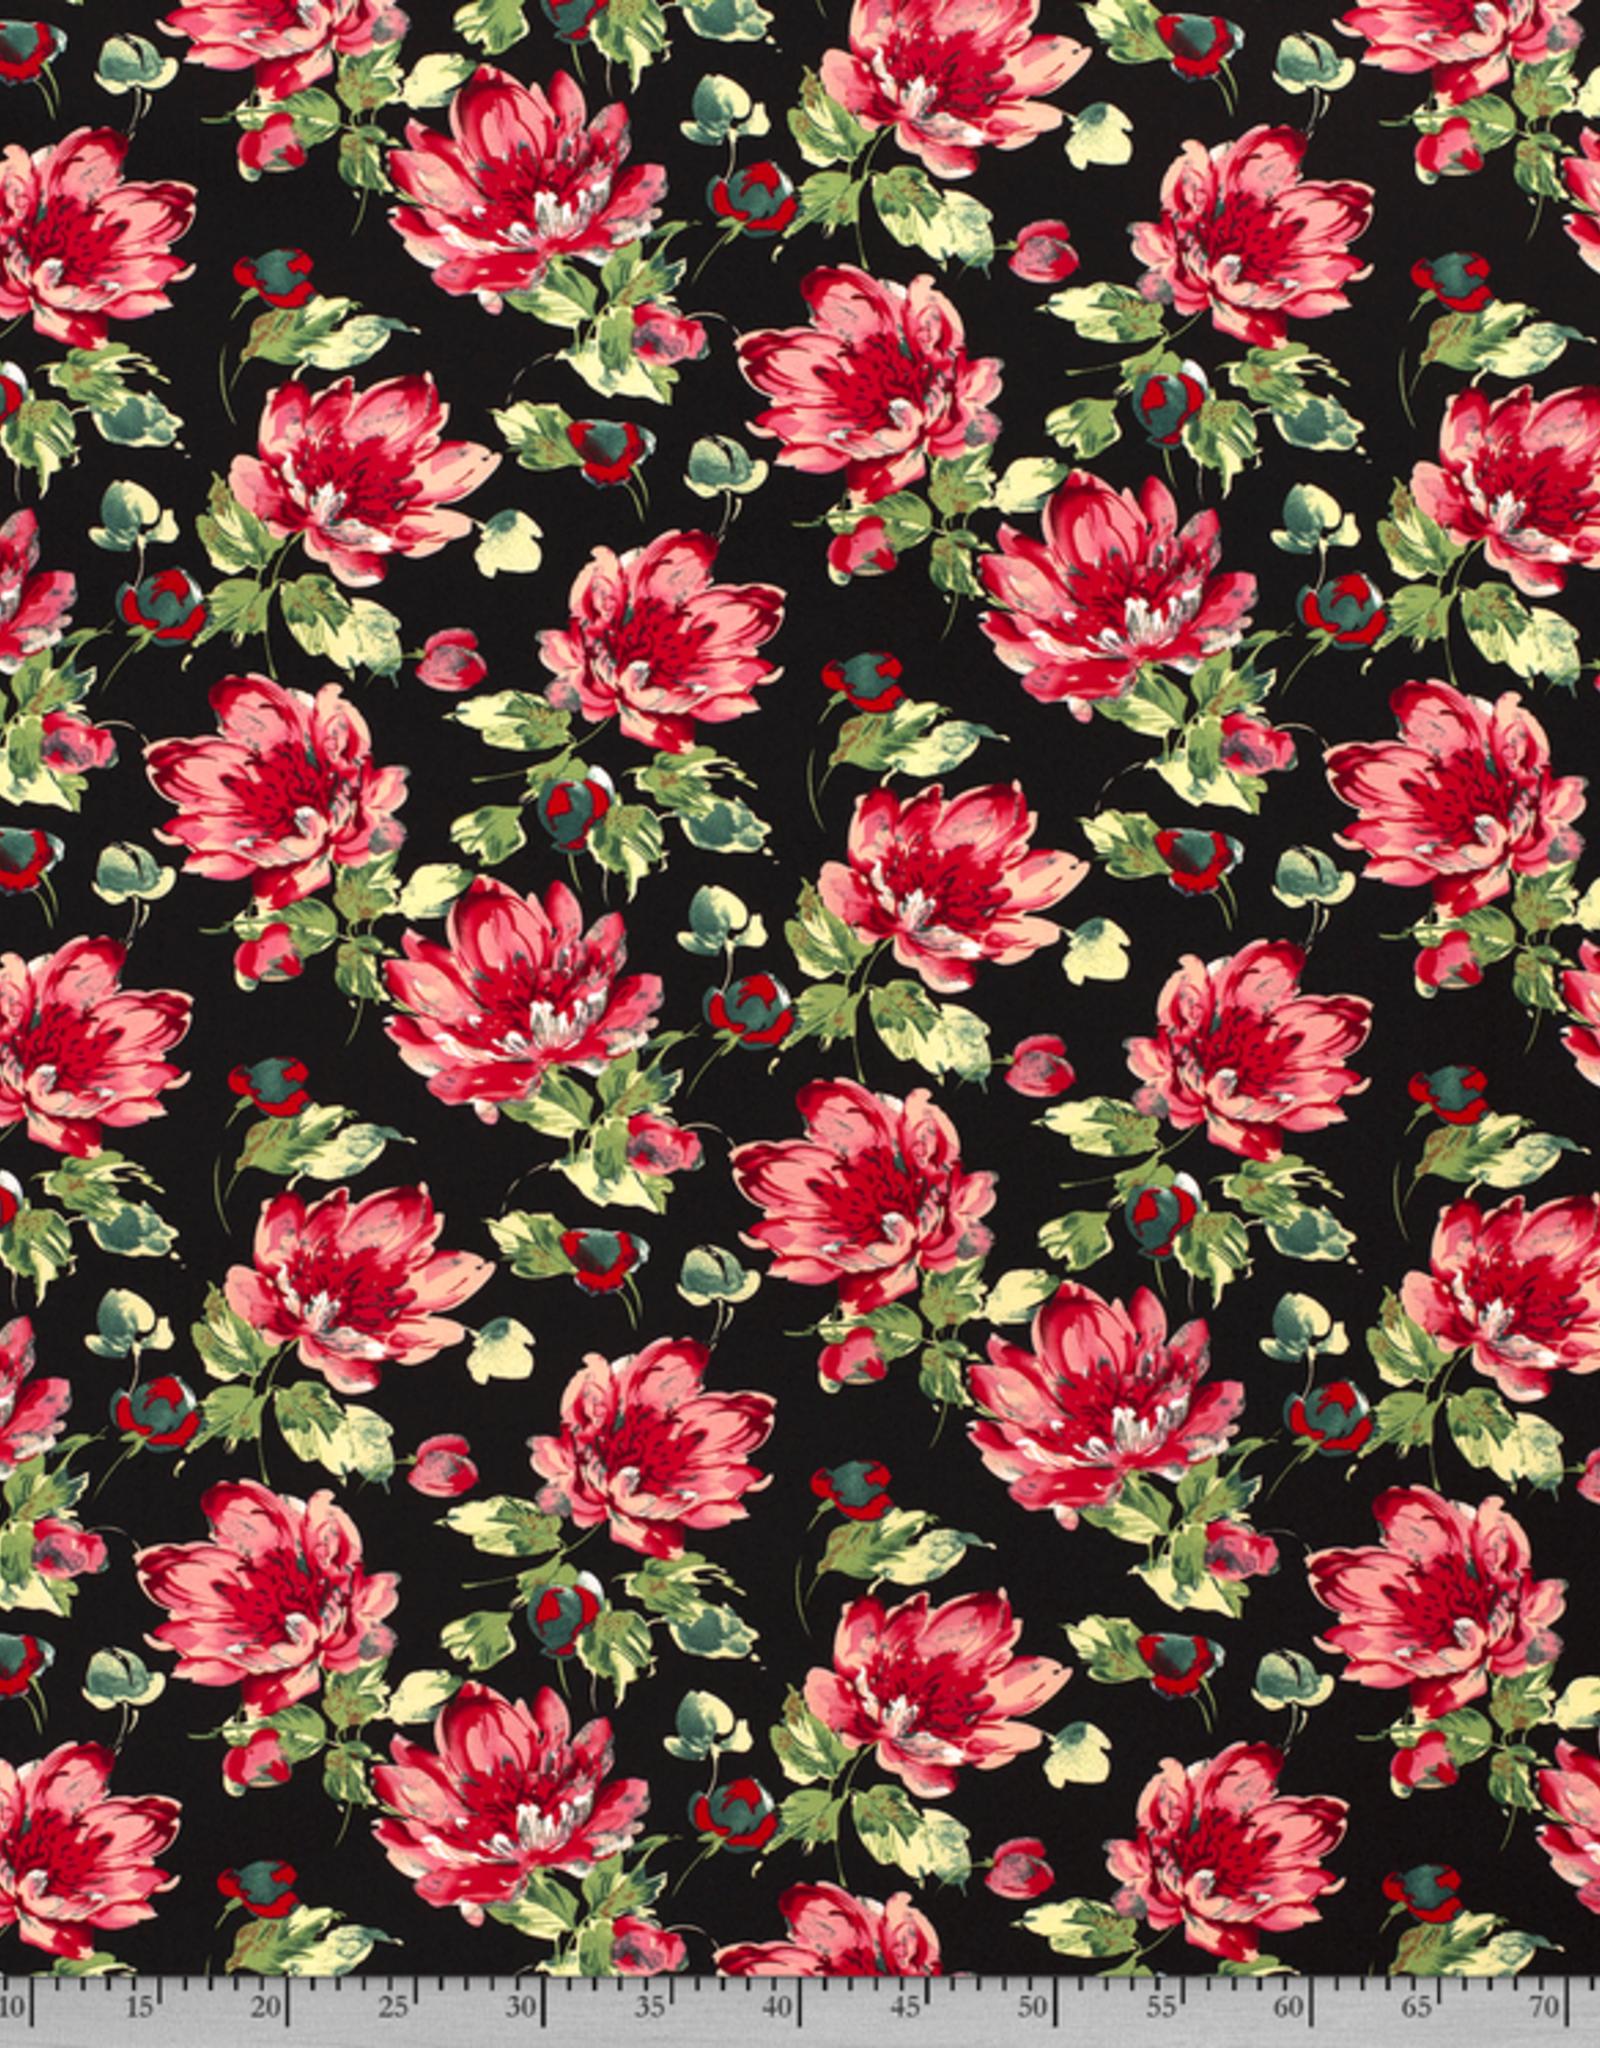 Scuba crepe 4way stretch zwart met rode bloemen *MyImage